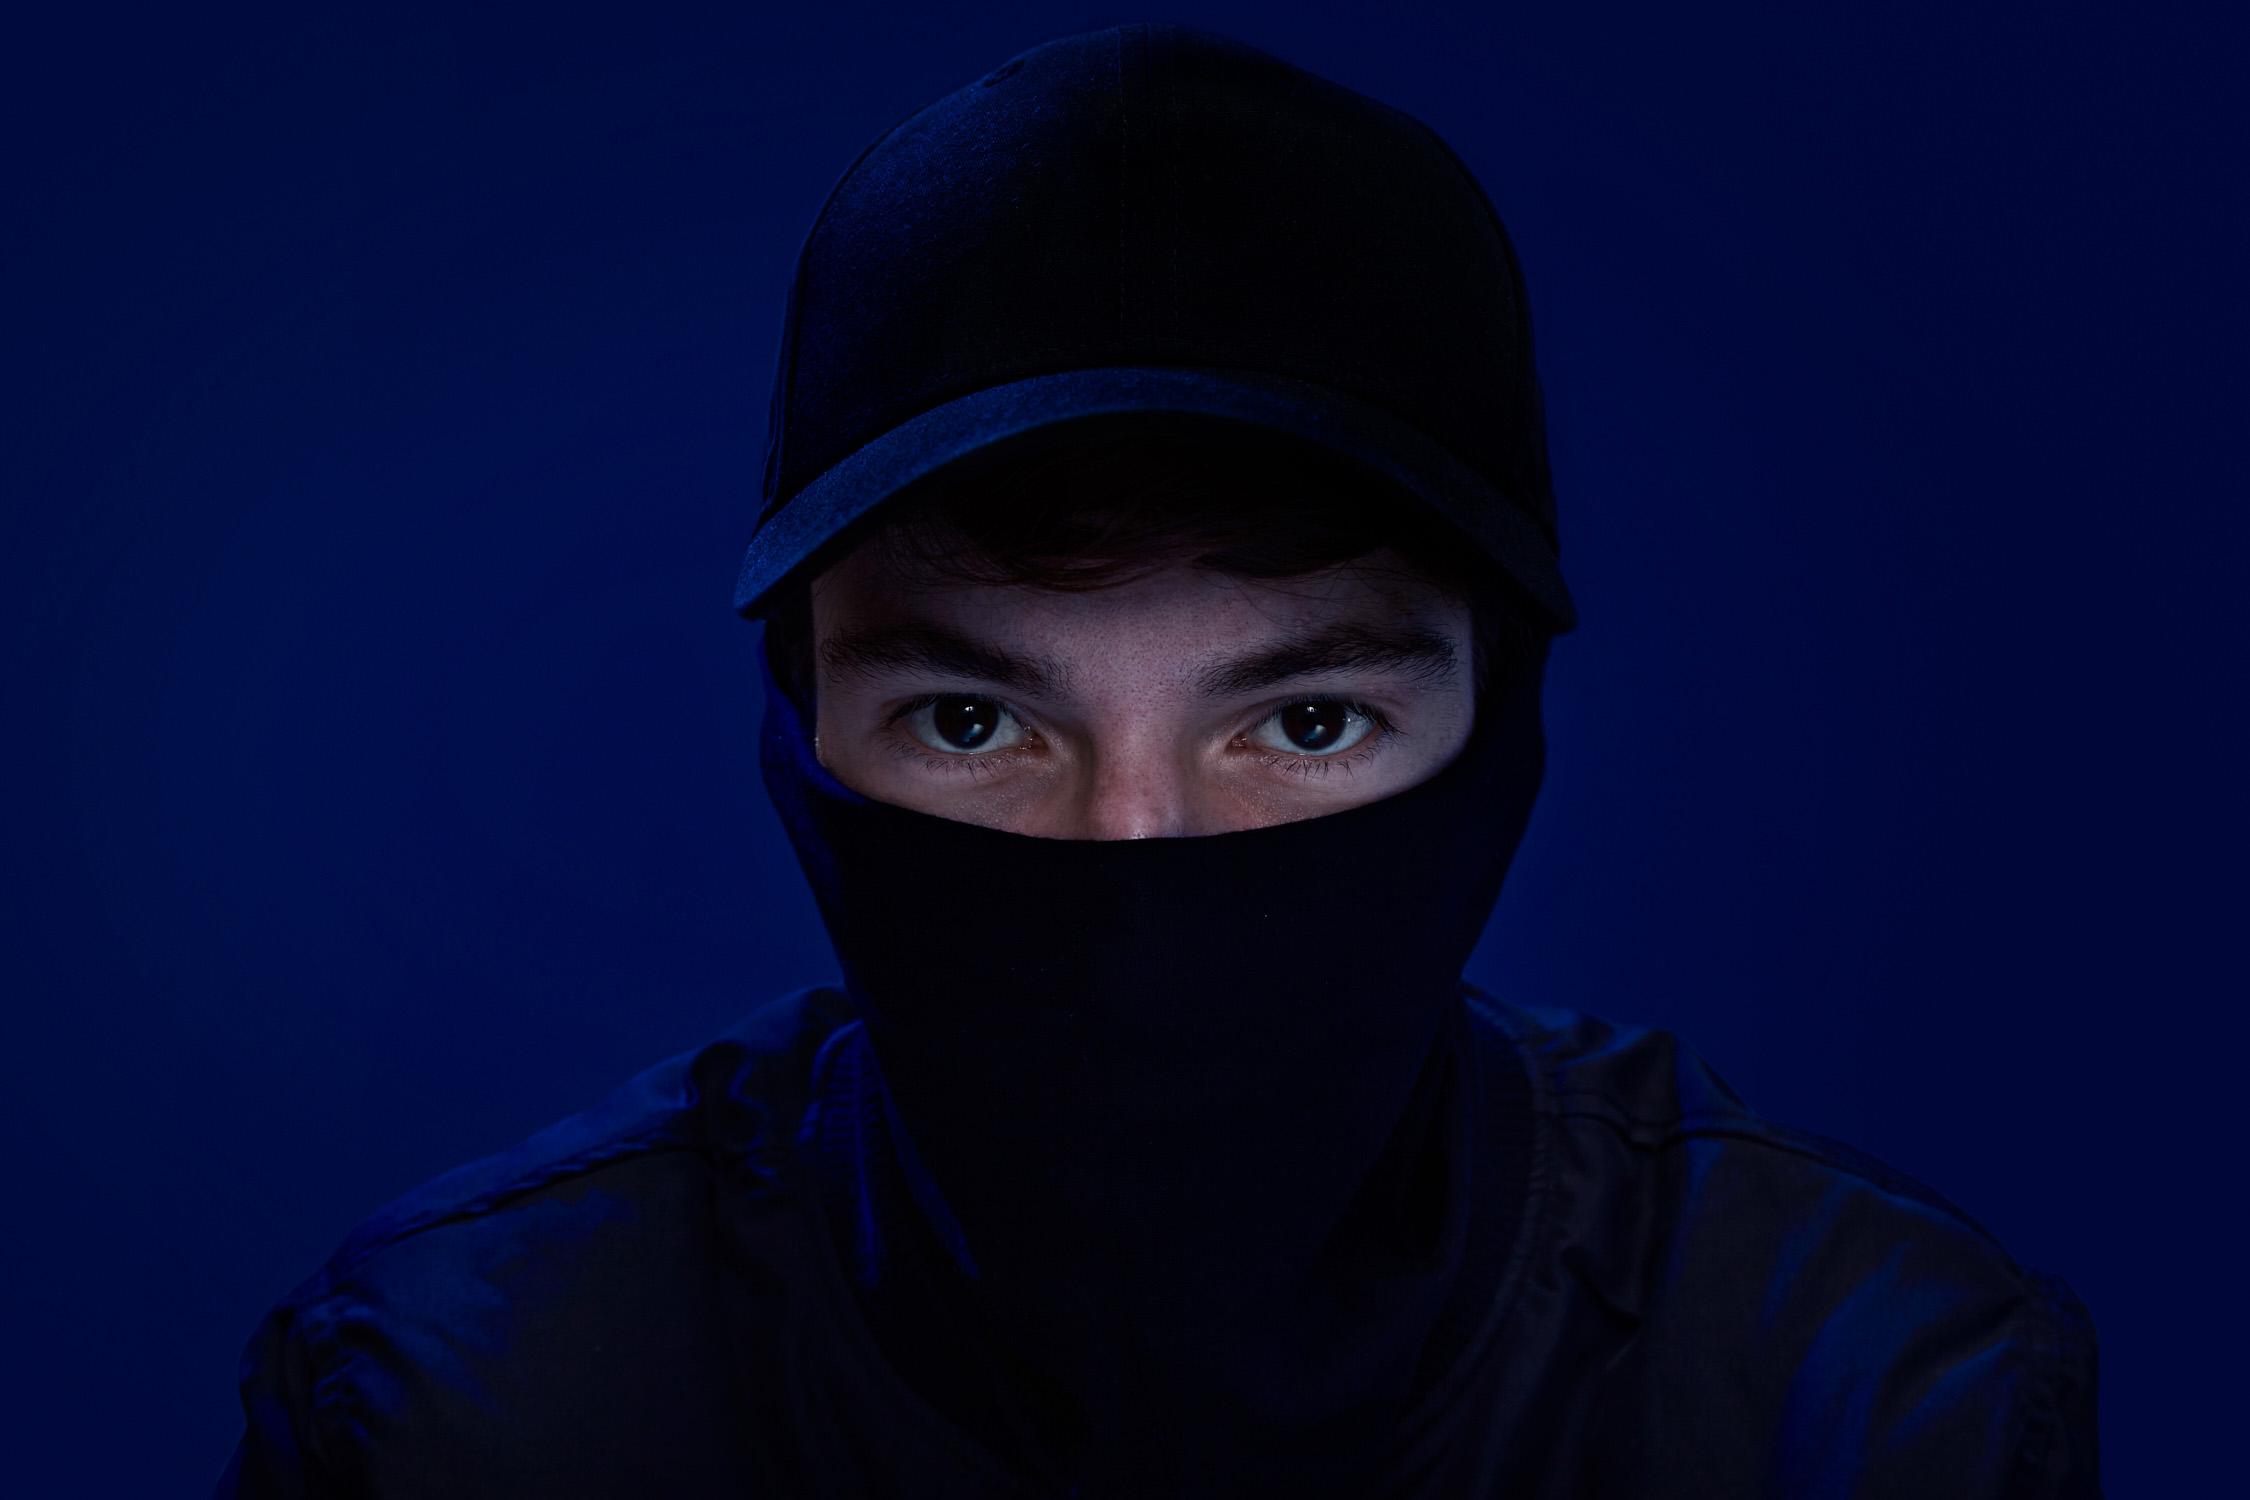 Portrait jugende electo pop musiker köln maske blauer hintergrund Jörn Strojny